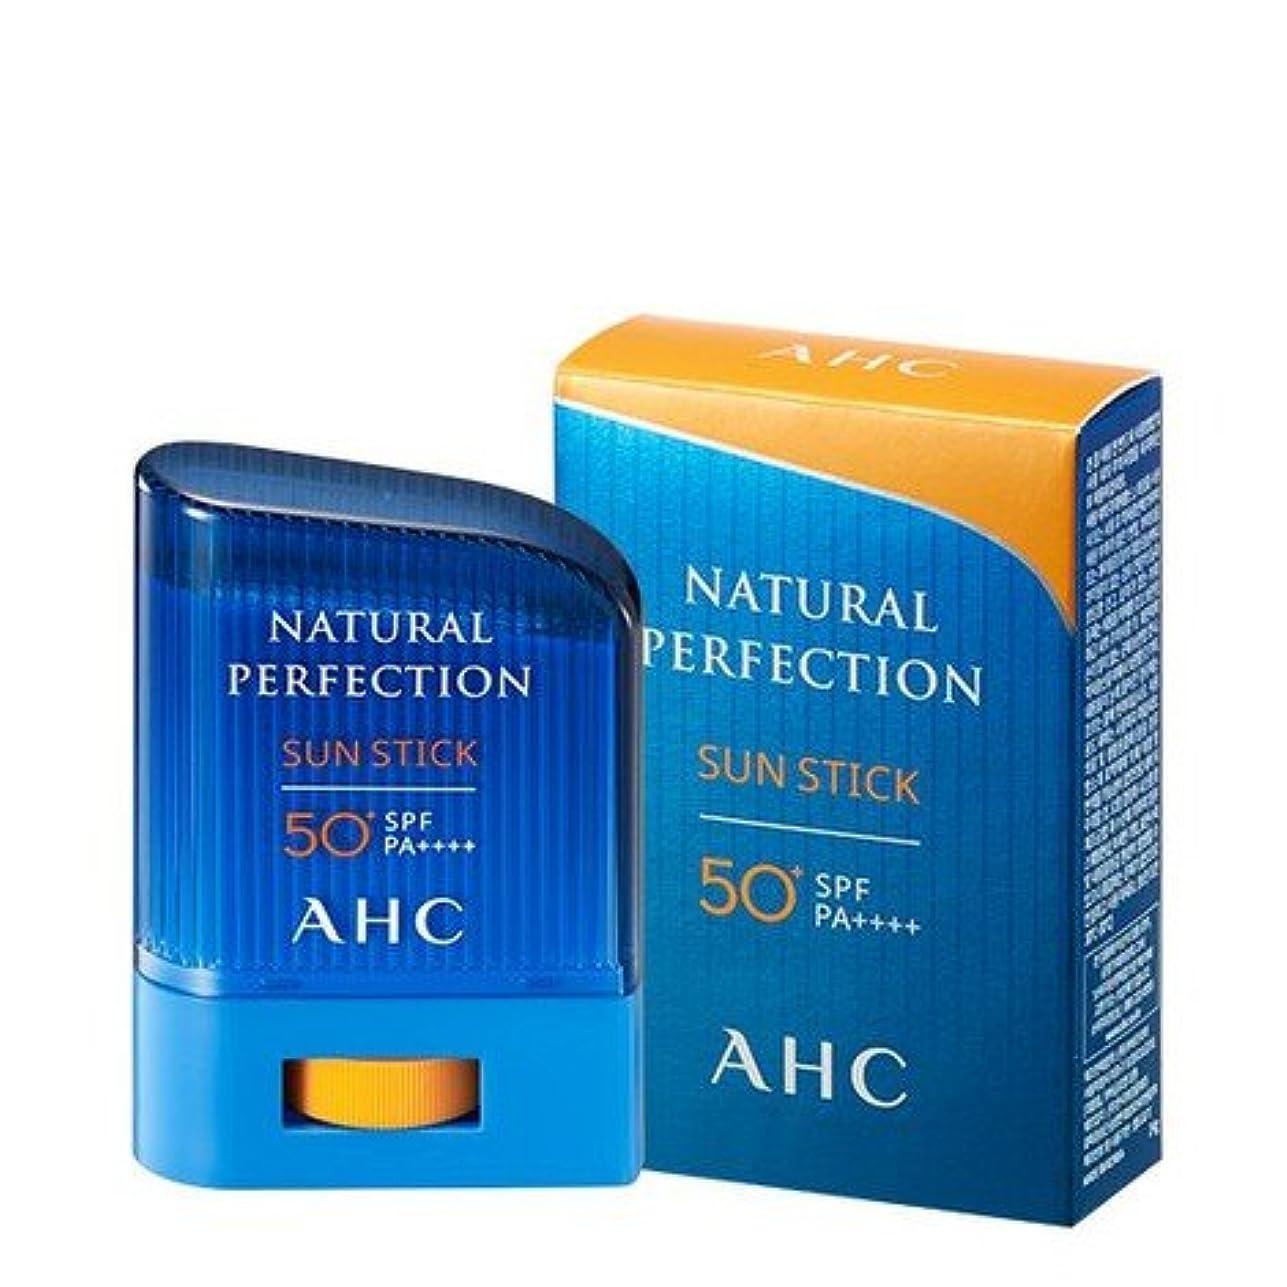 神聖話パテ[Renewal 最新] AHCナチュラルパーフェクション線スティック / AHC NATURAL PERFECTION SUN STICK [SPF 50+ / PA ++++] [並行輸入品] (22g)